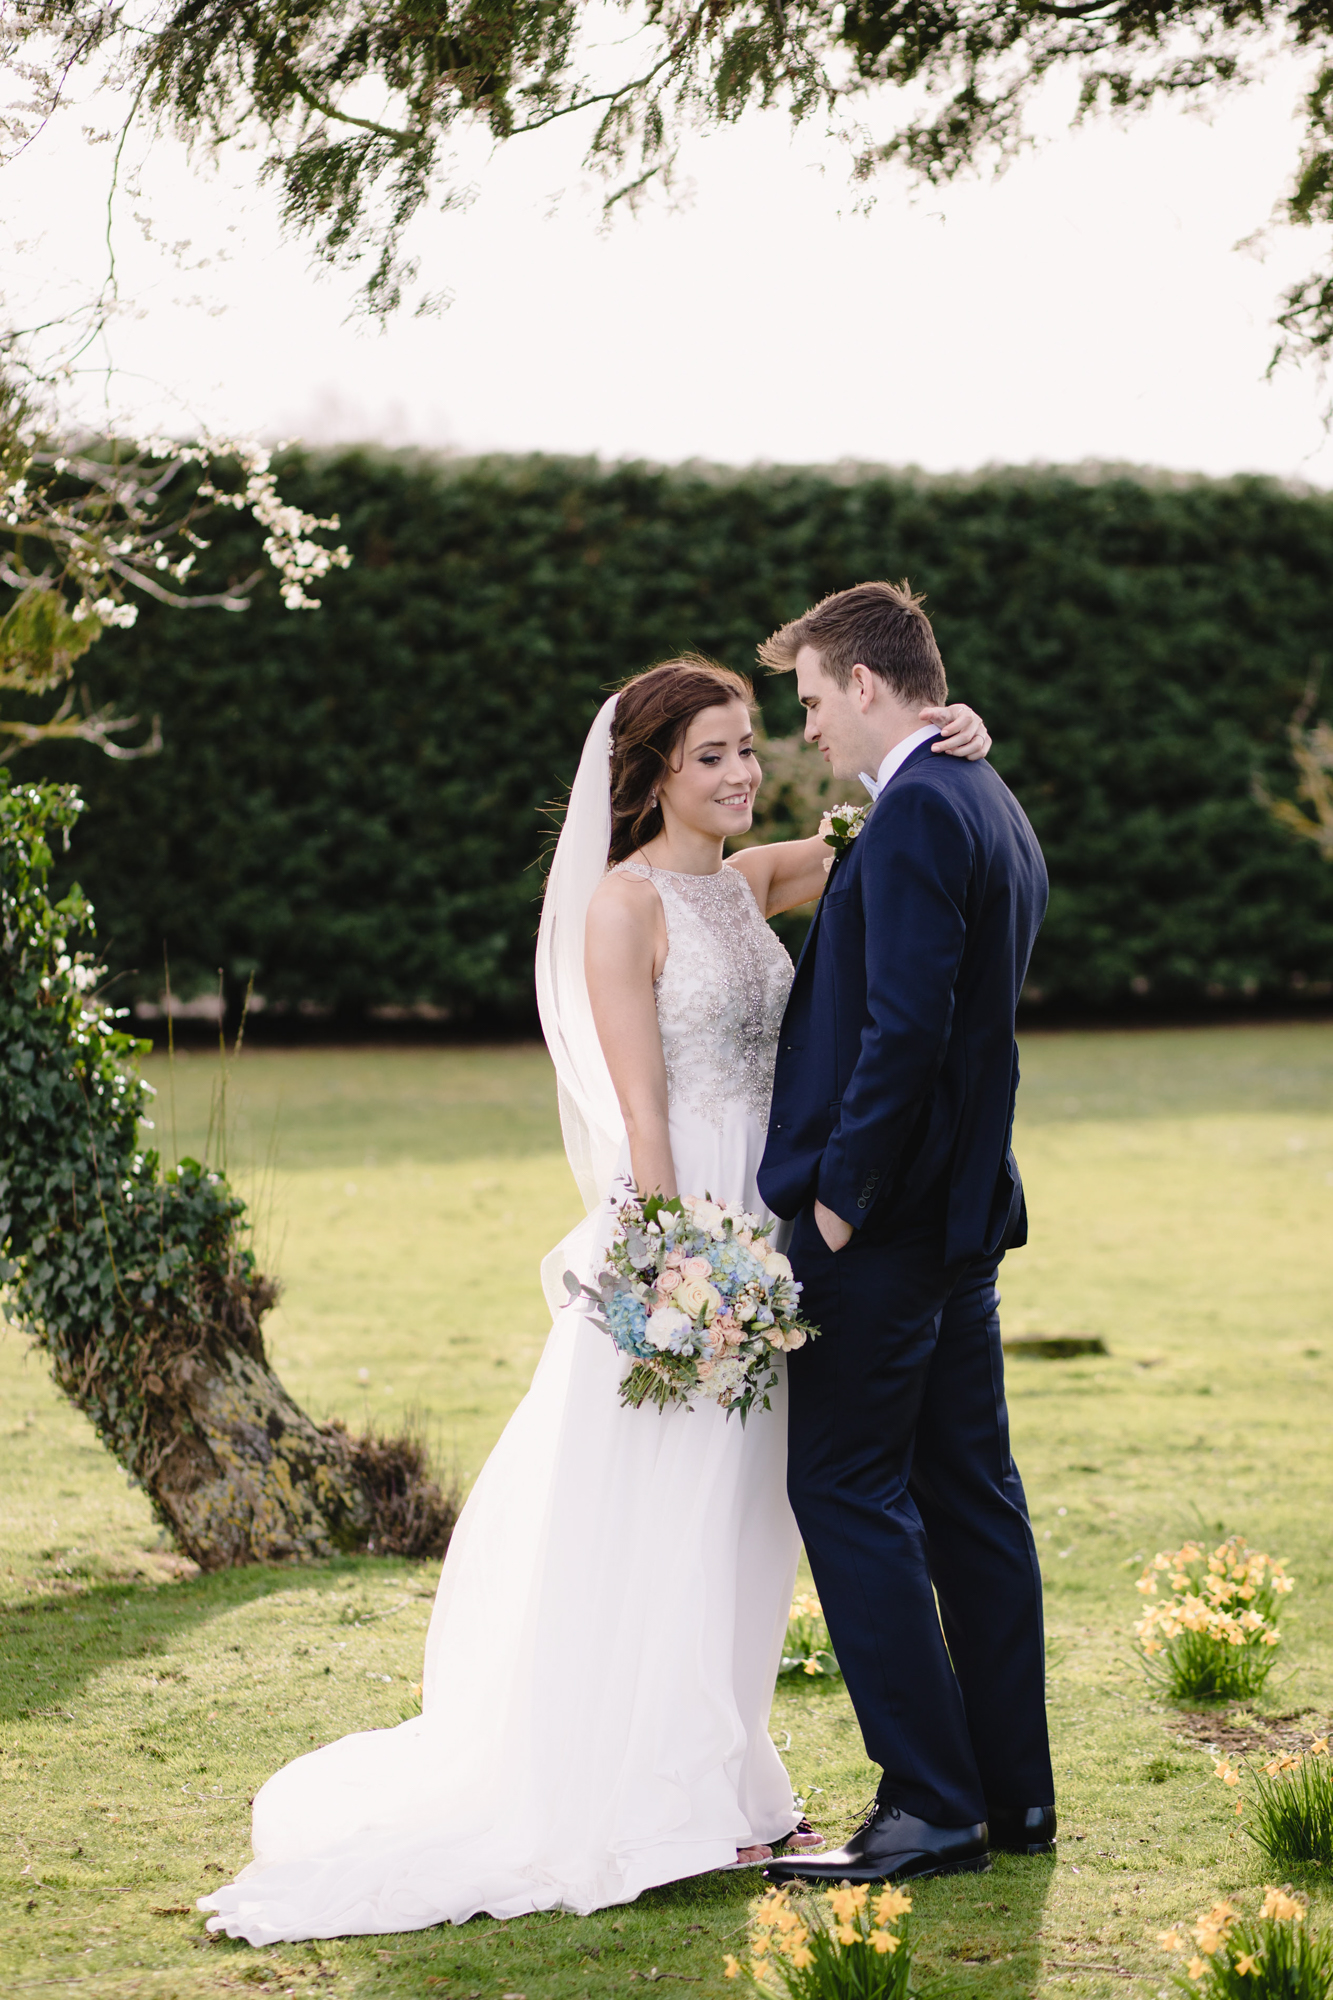 bride groom winters barns wedding venue kent